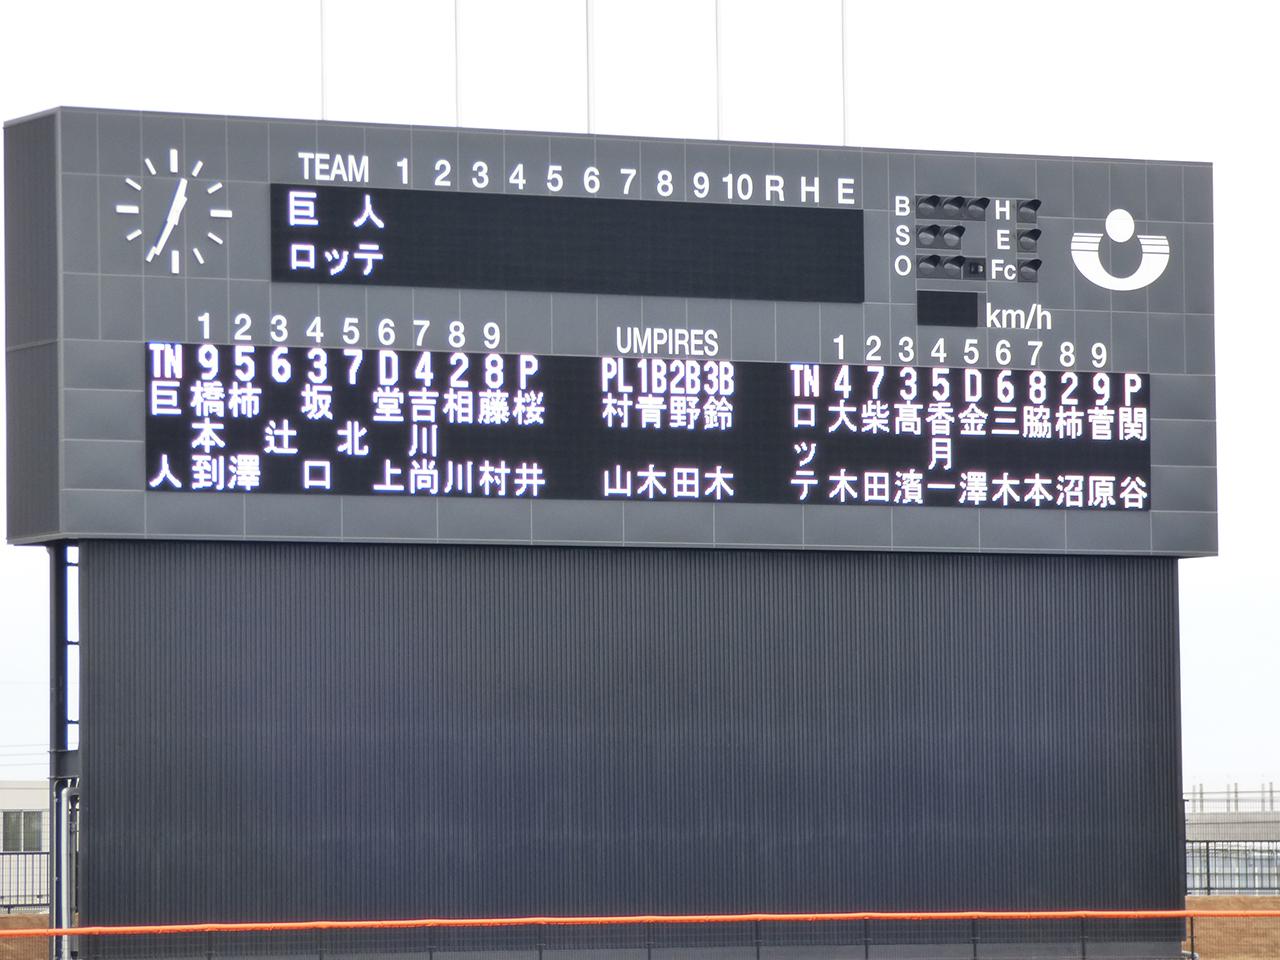 プロ野球掲示板